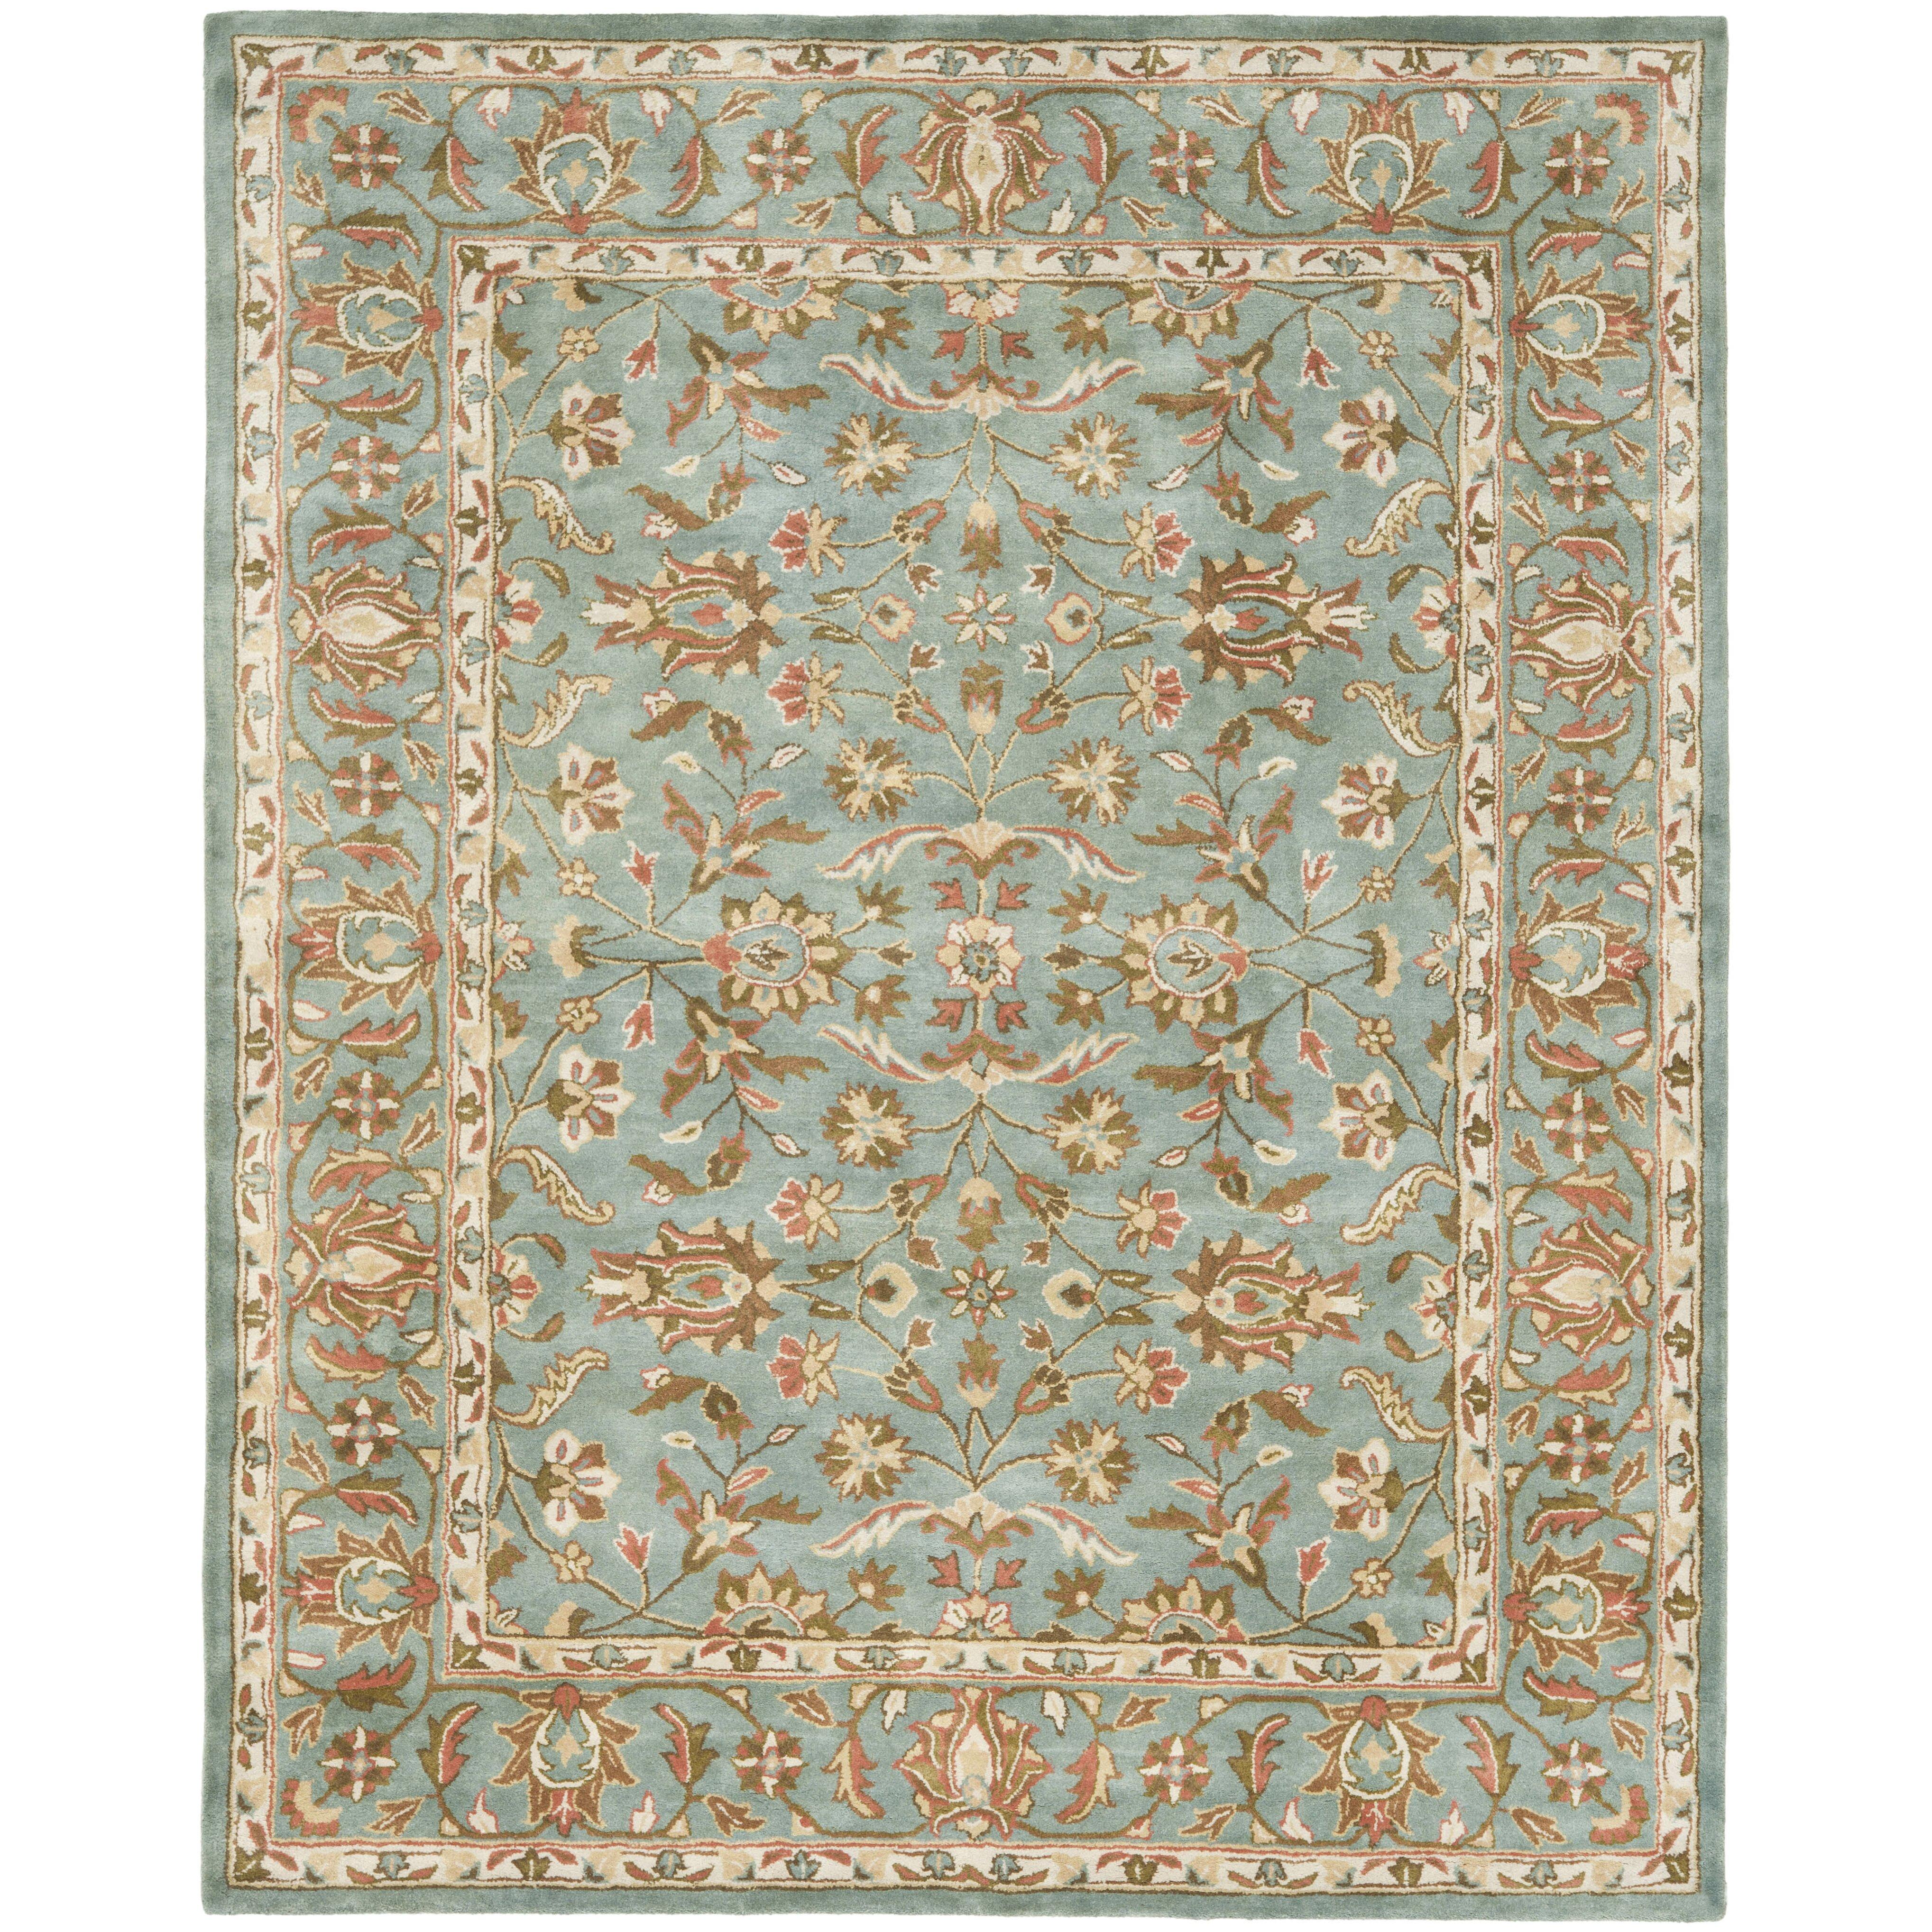 Safavieh heritage blue area rug reviews wayfair for Safavieh rugs